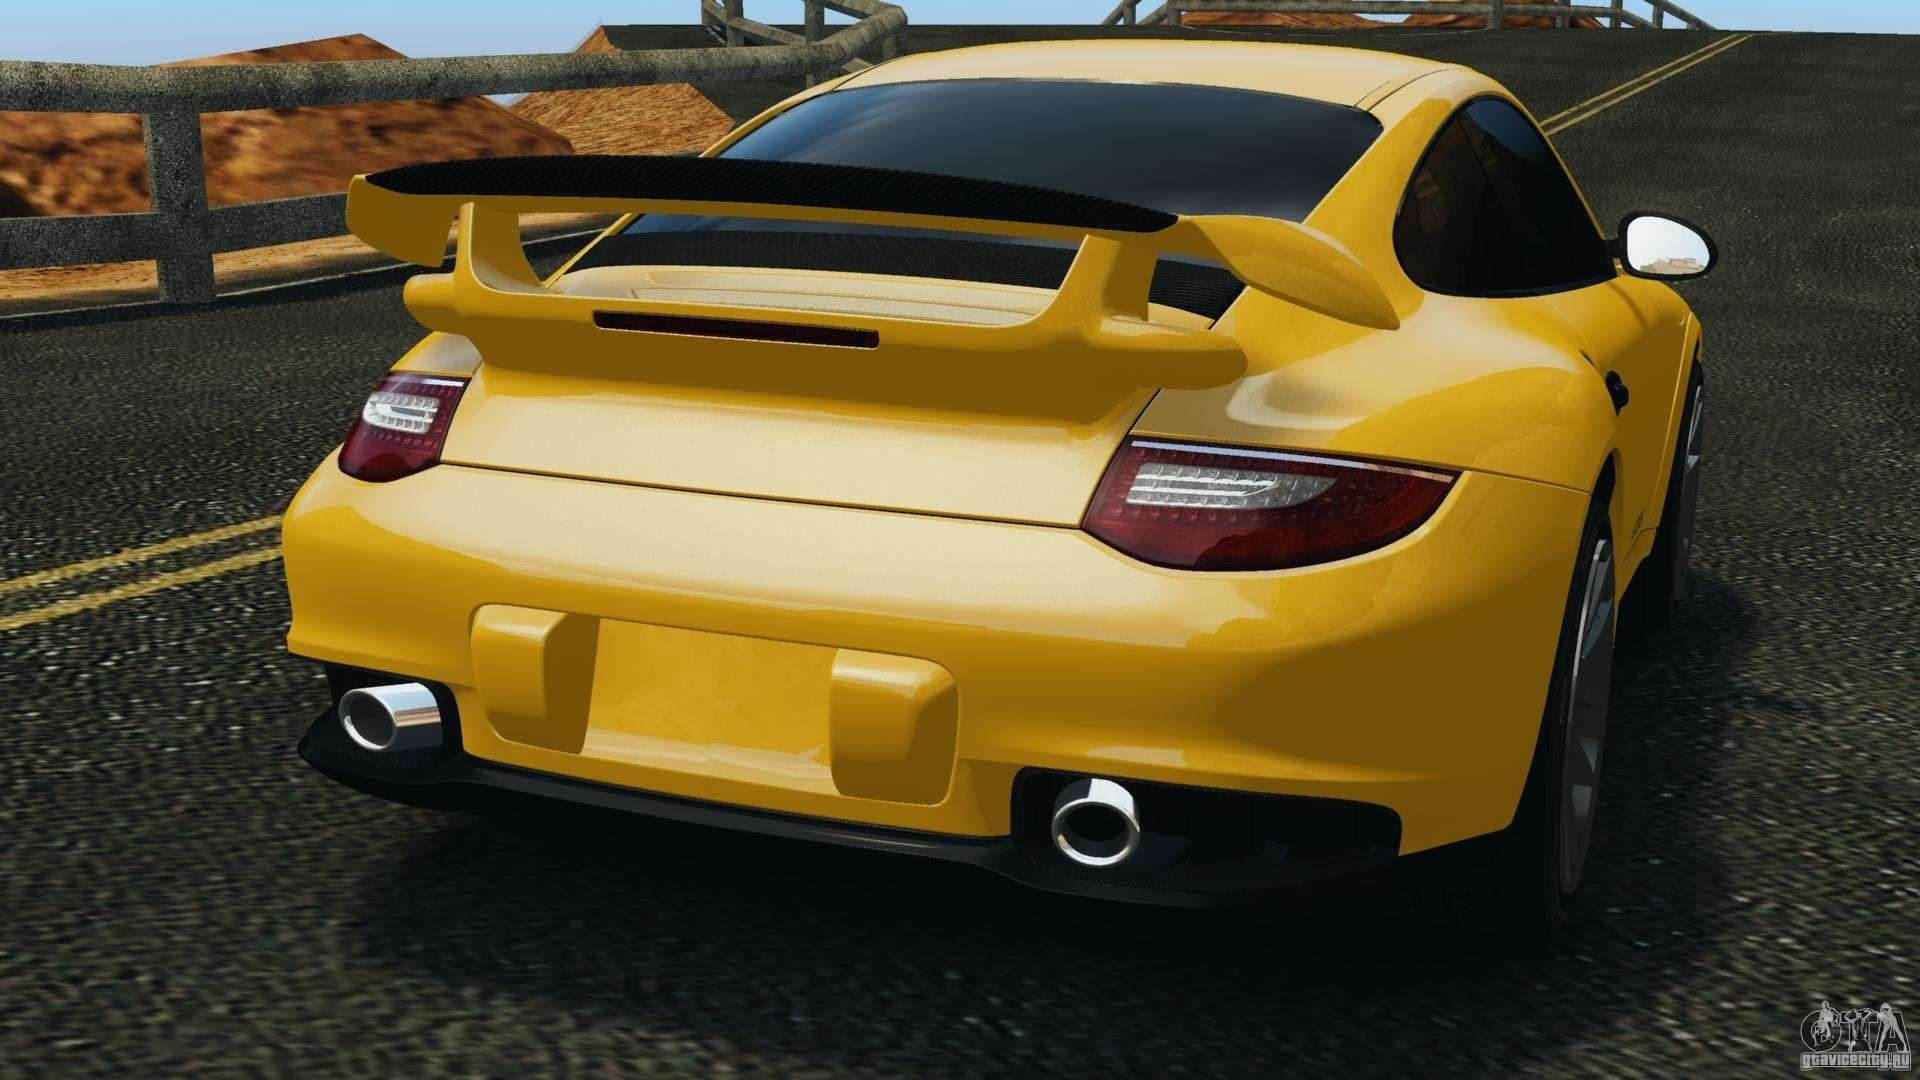 42554-1350022106-GTAIV2012-10-1208-44-57-08 Astounding Porsche 911 Gt2 Rs 2012 Cars Trend